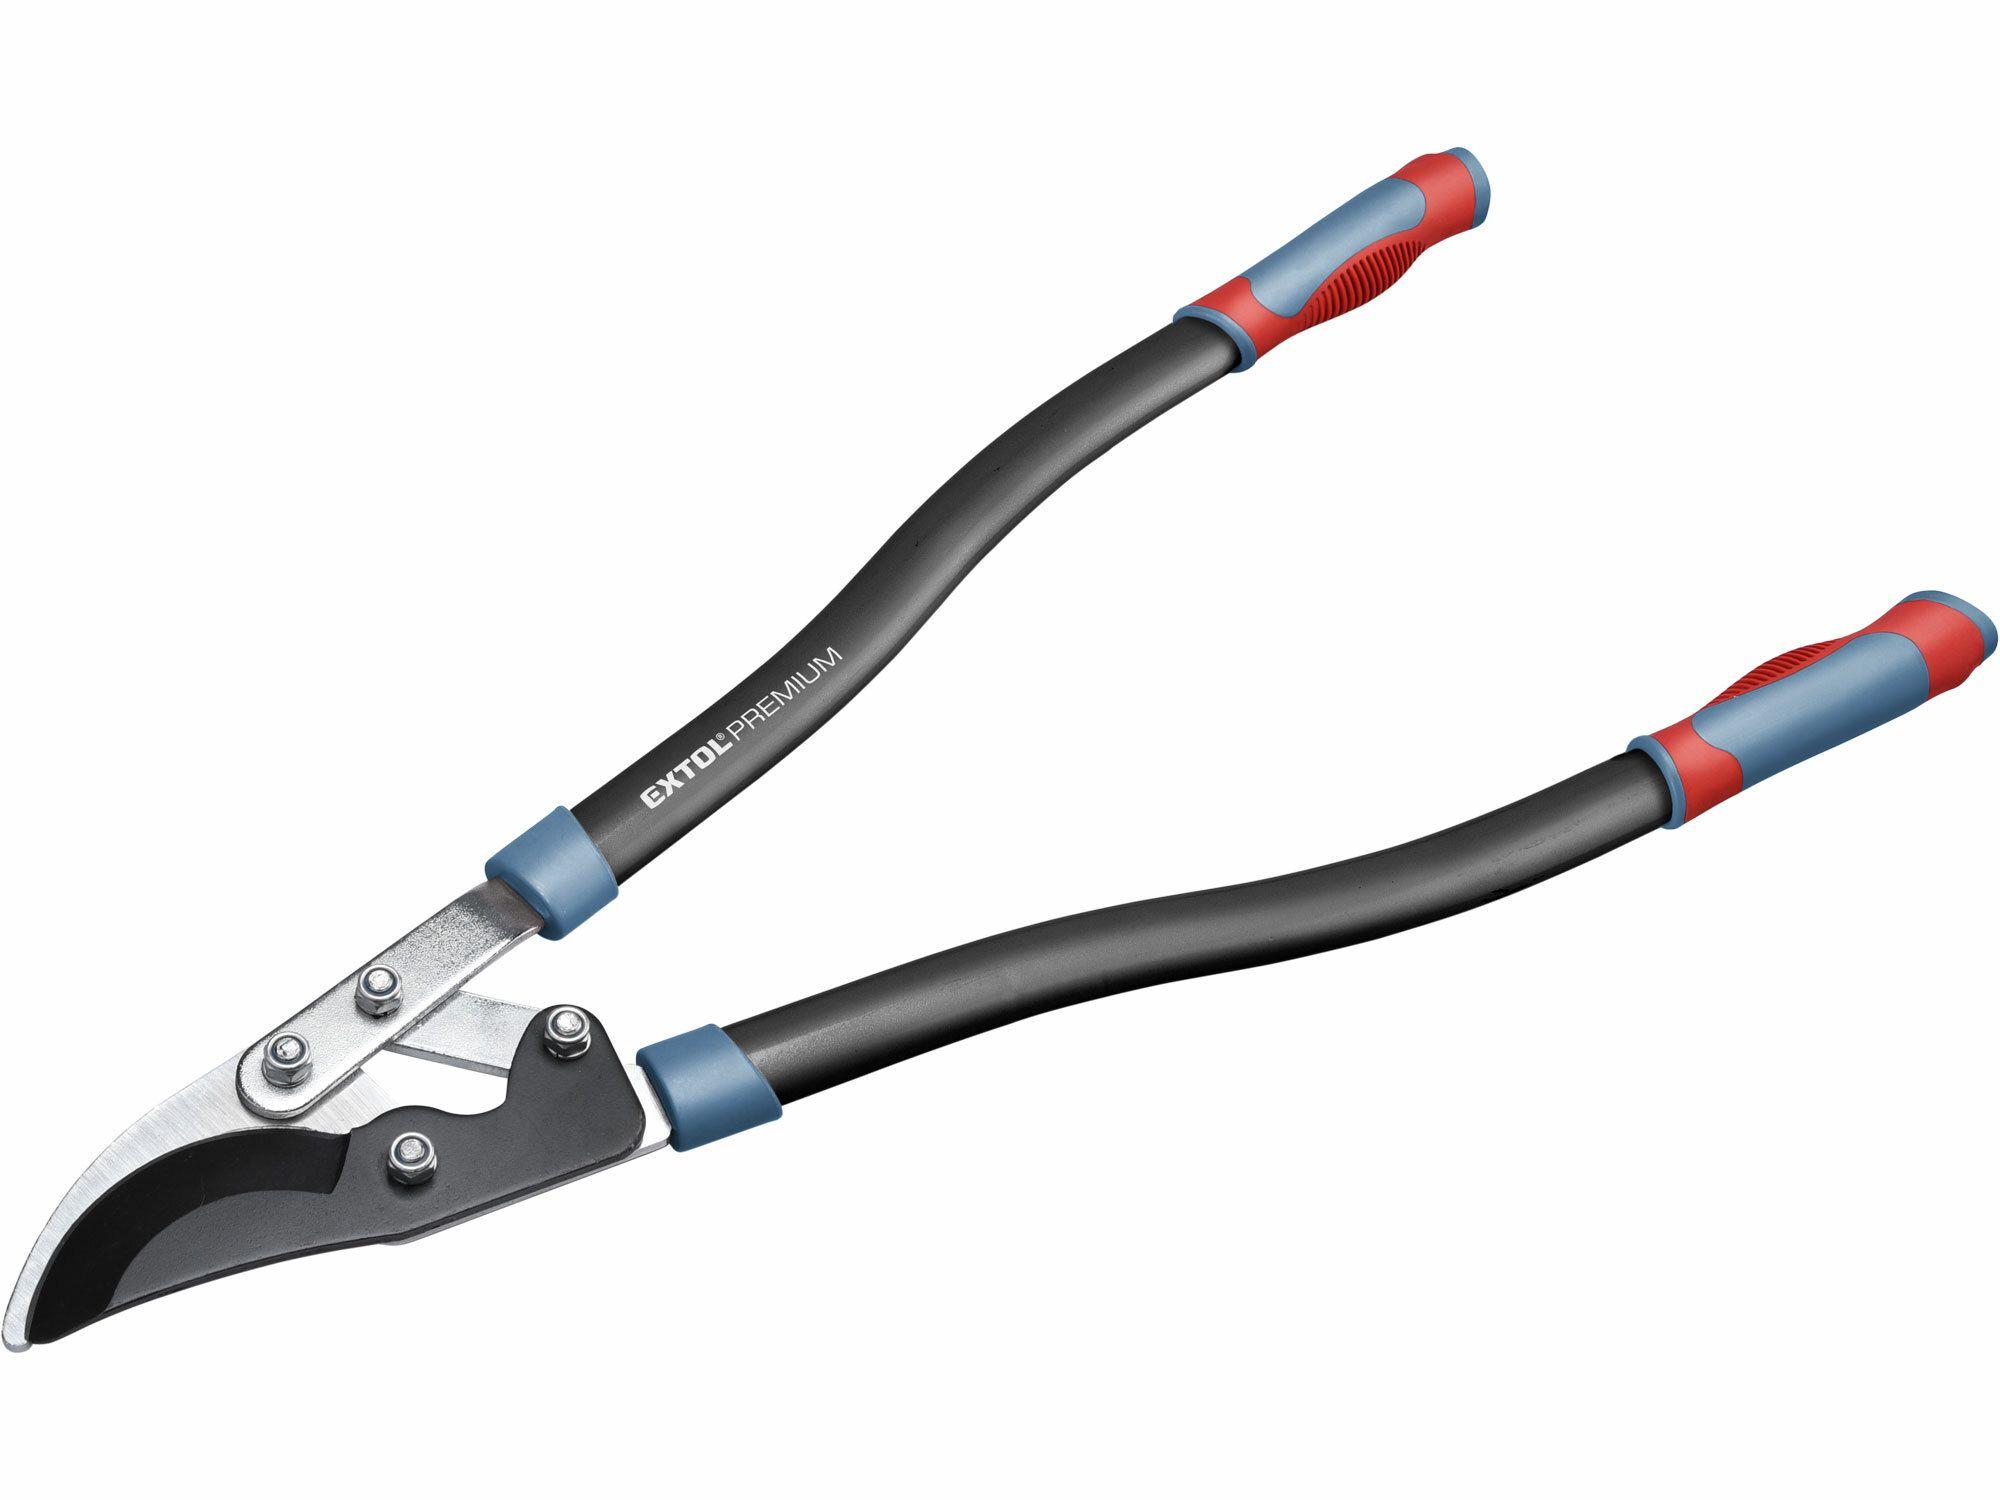 Nůžky na větve převodové dvousečné, 730mm, HCS, stříhání větví do pr. 45 mm EXTOL-PREMIUM